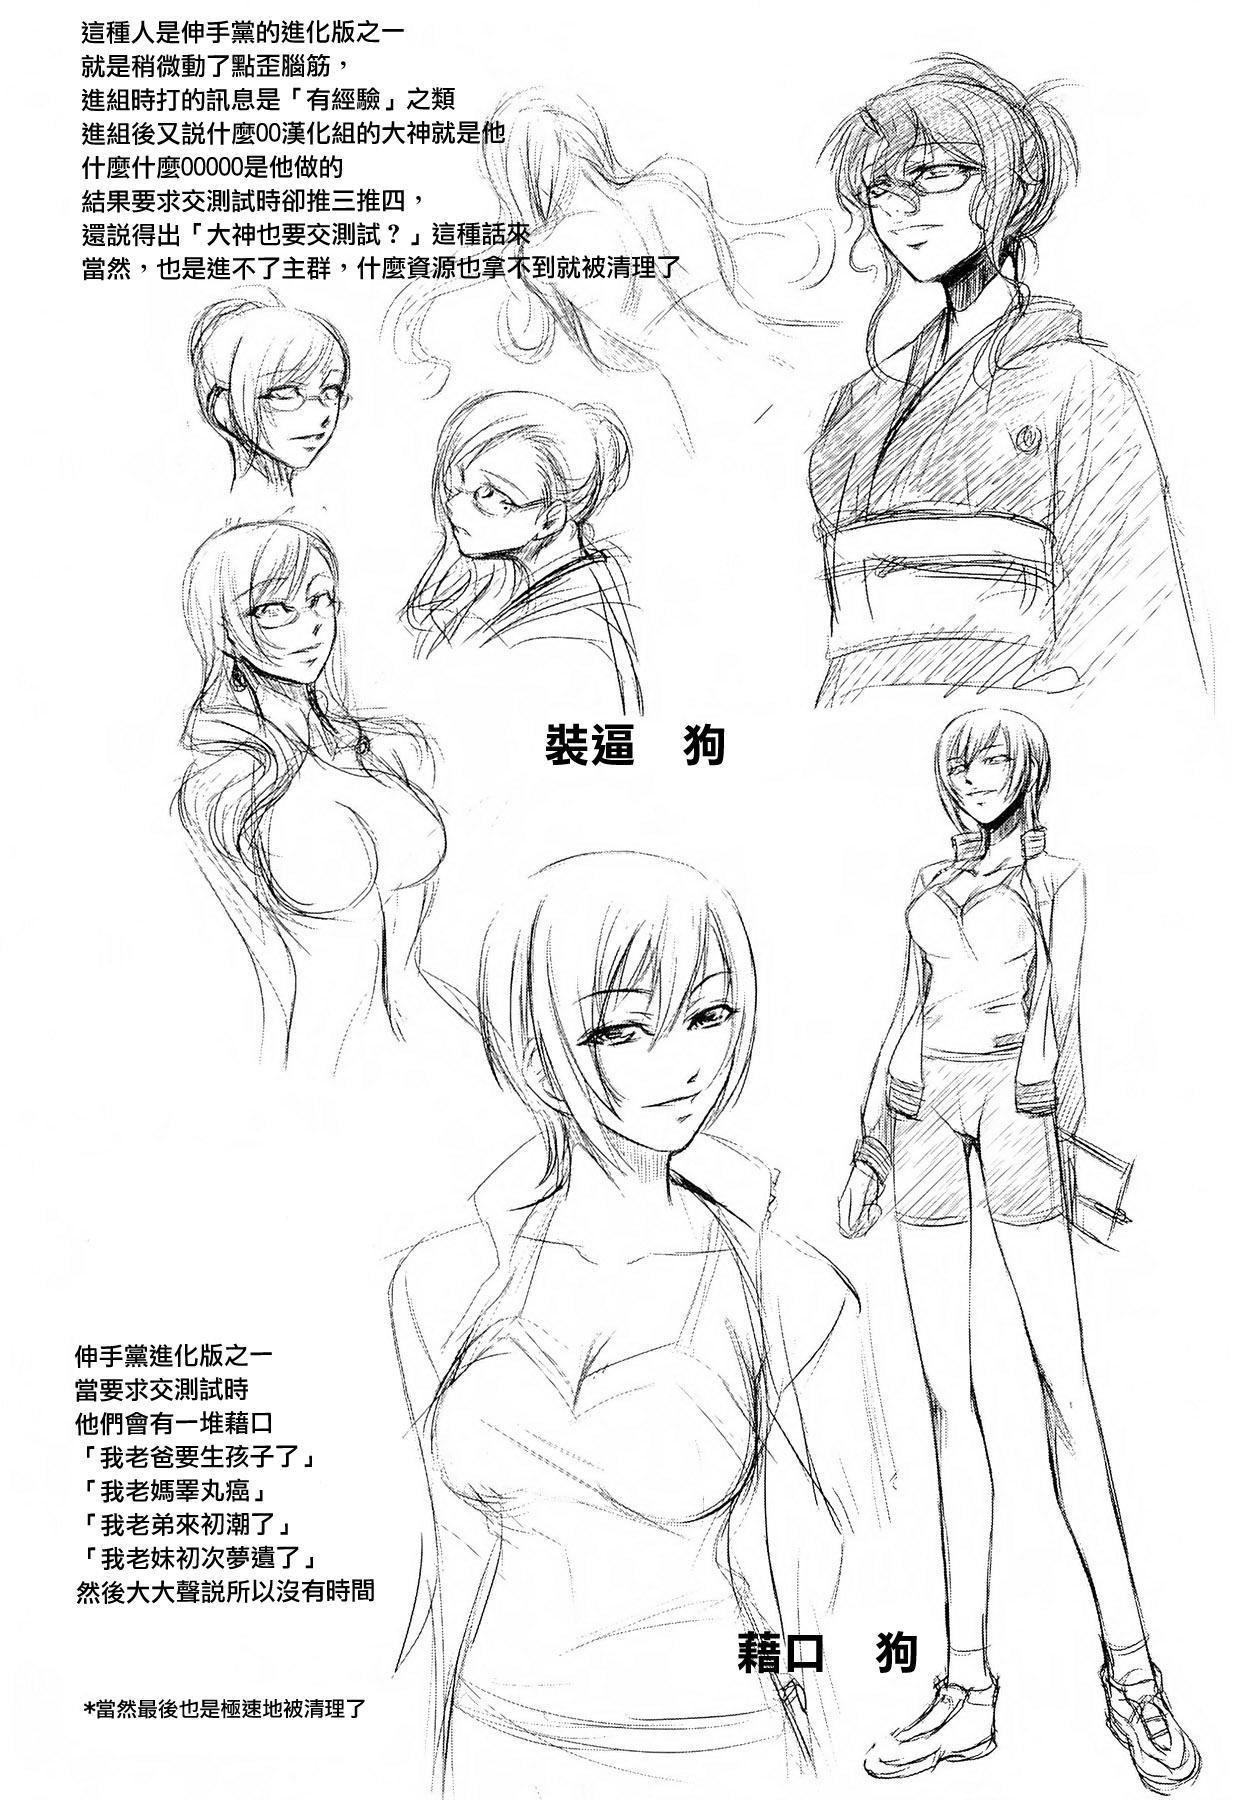 Onna Kyoushi no Renai Jijou 219